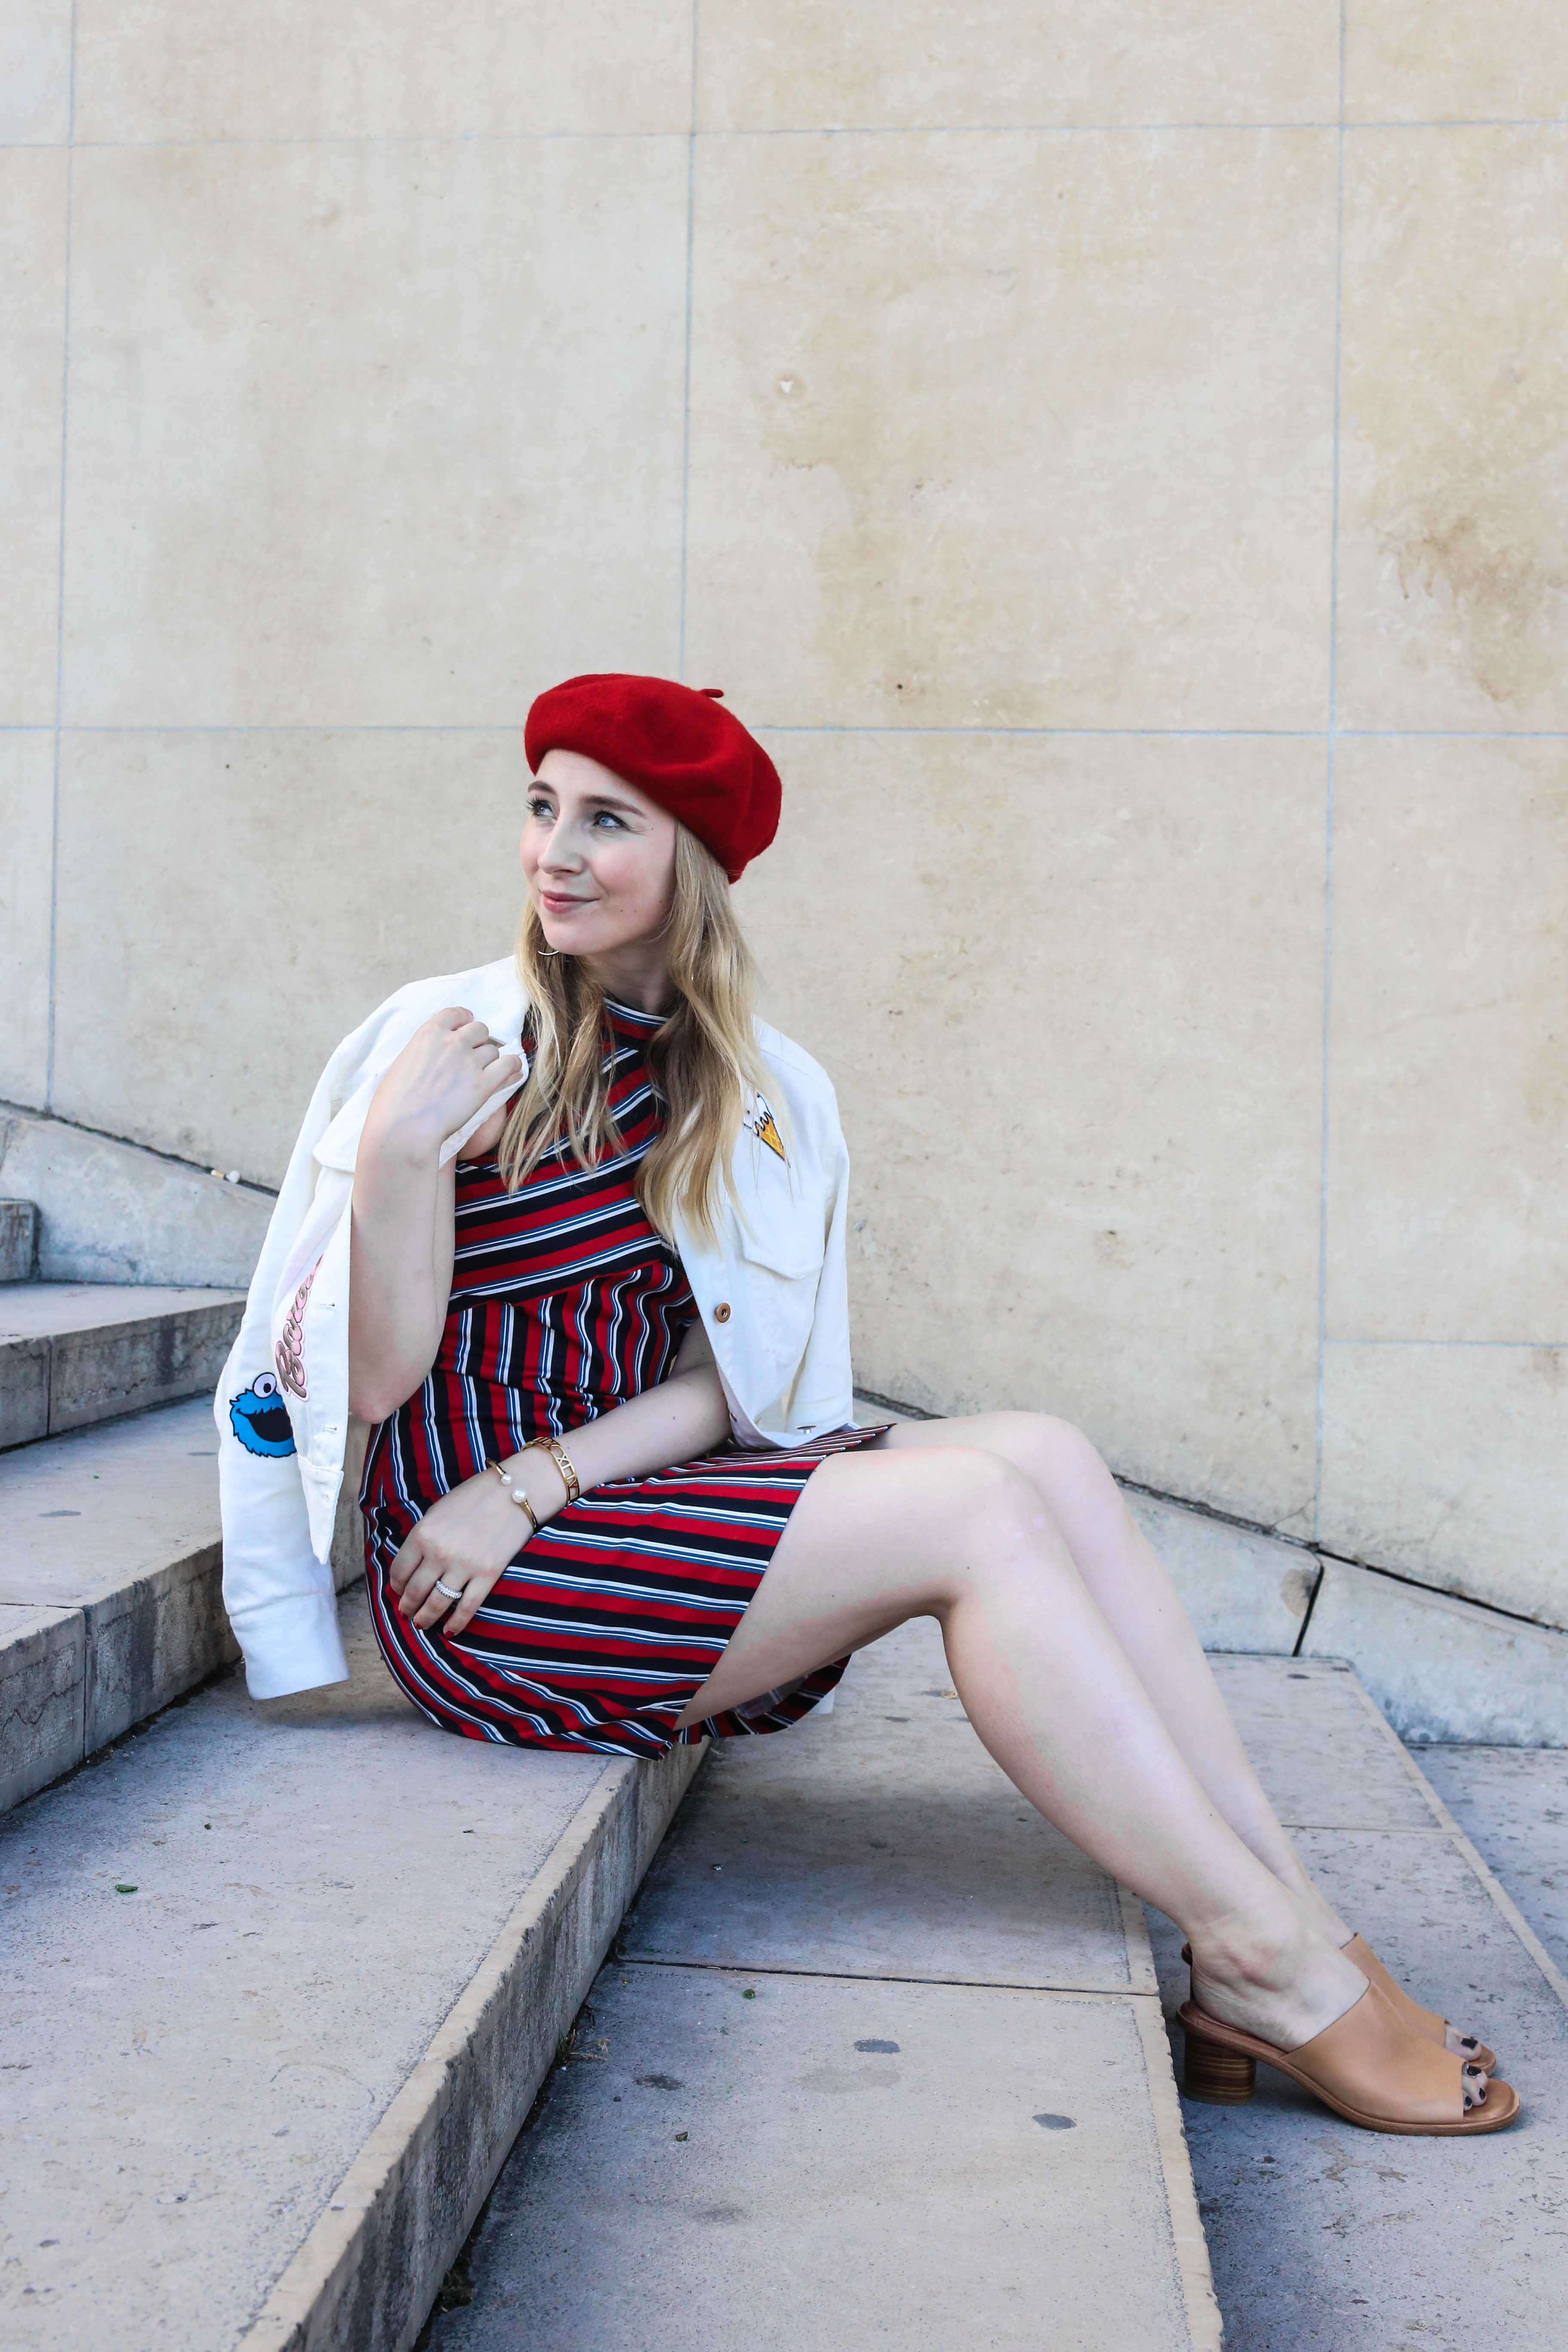 parisienne-chic-baskenmütze-mules-paris-outfit-modeblog-fashionblog-mode-blog_0958